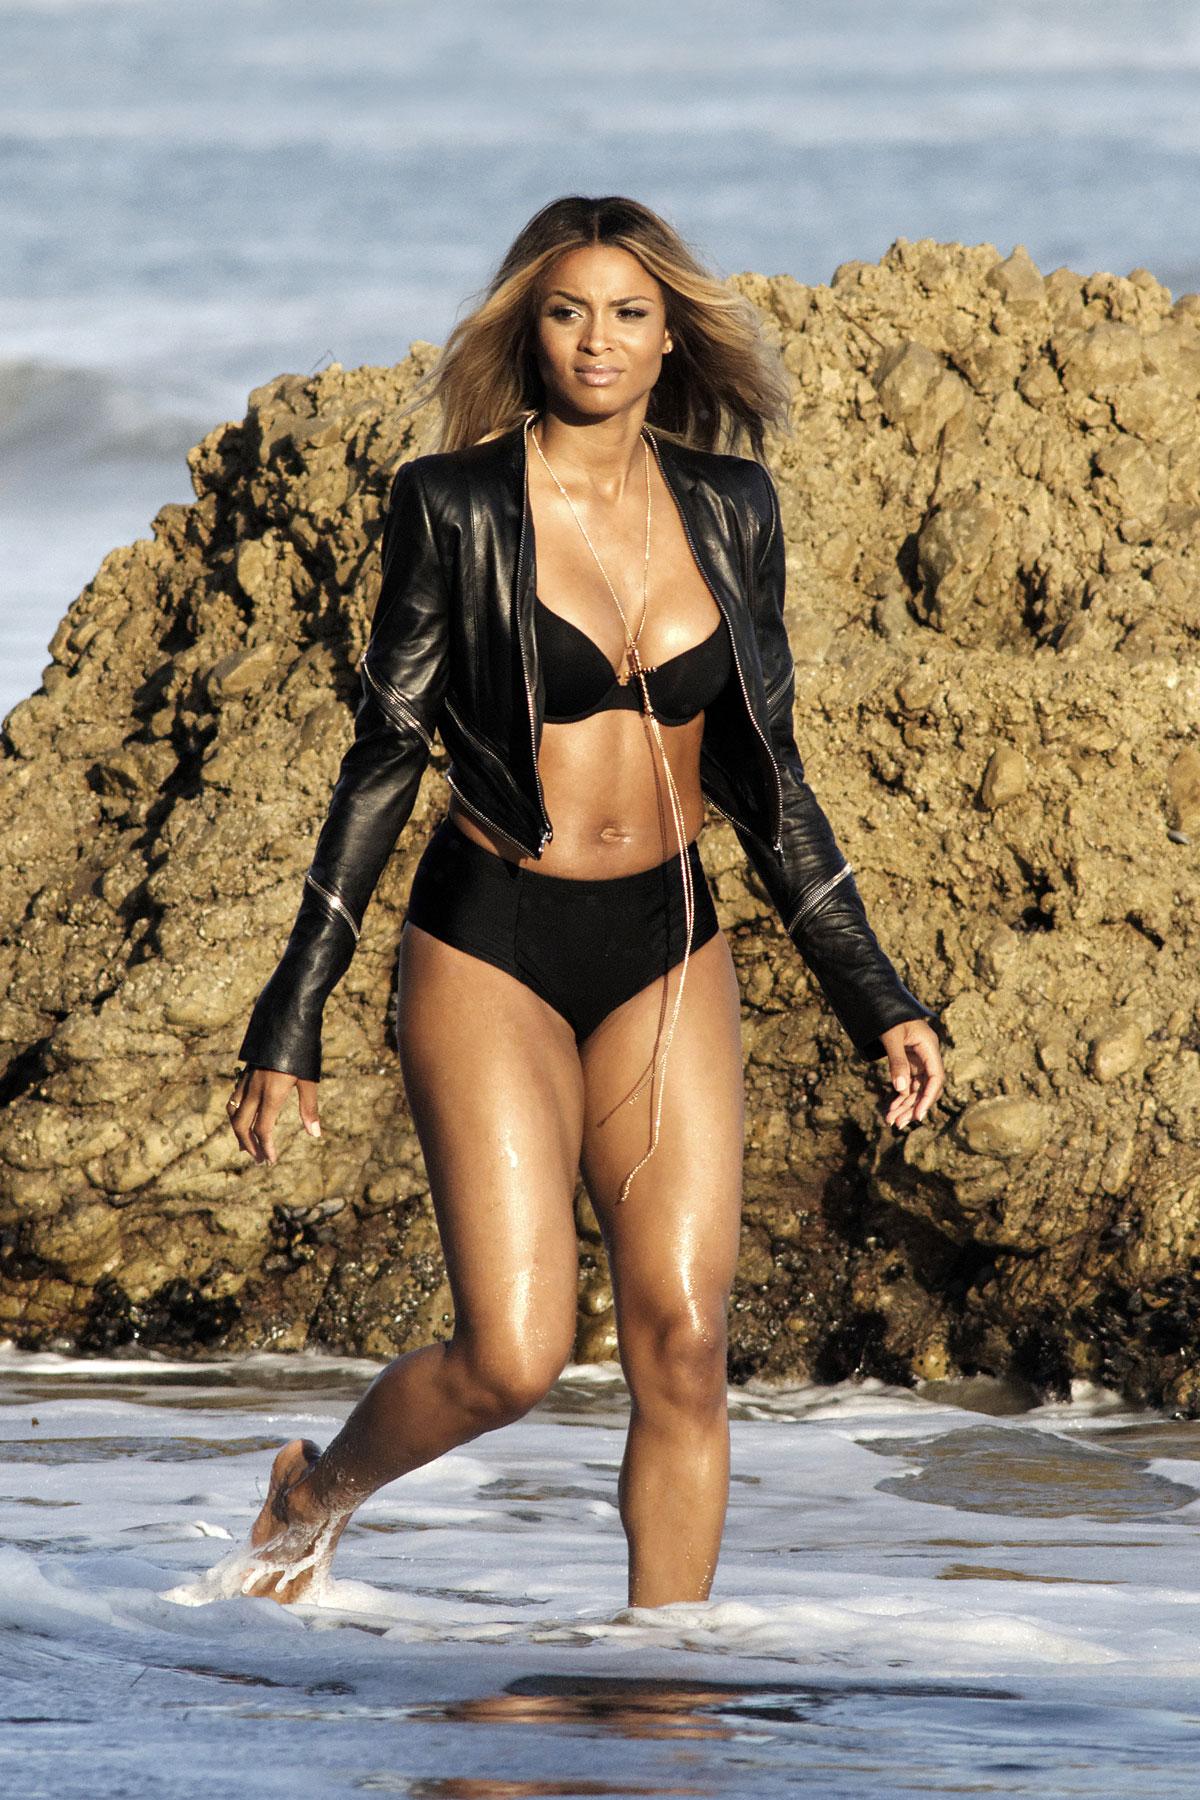 New bikini images